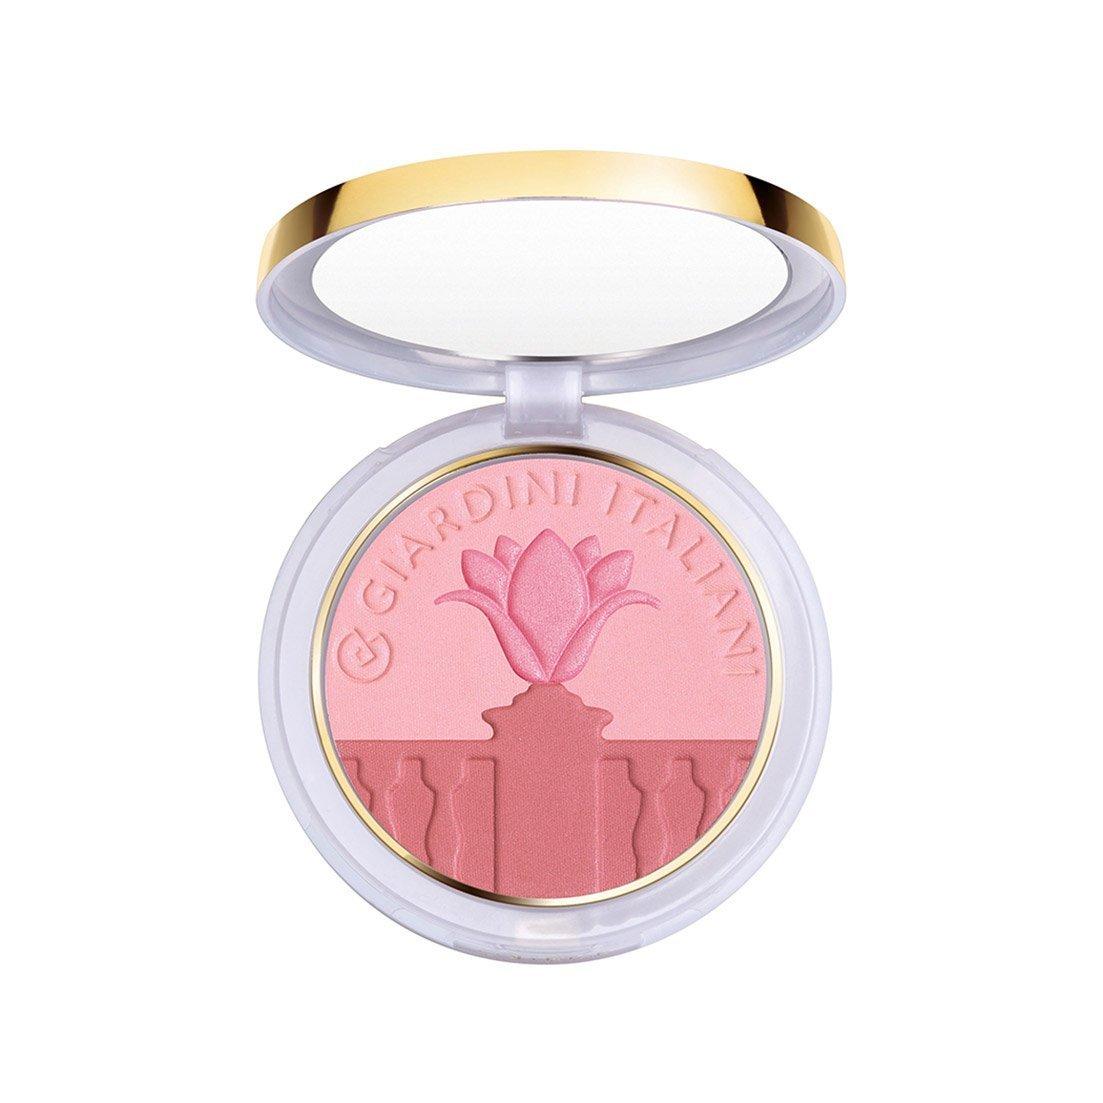 Collistar prodotto star - fard ? ombretti ? punto luce - 1 bouquet rosa k16063 972